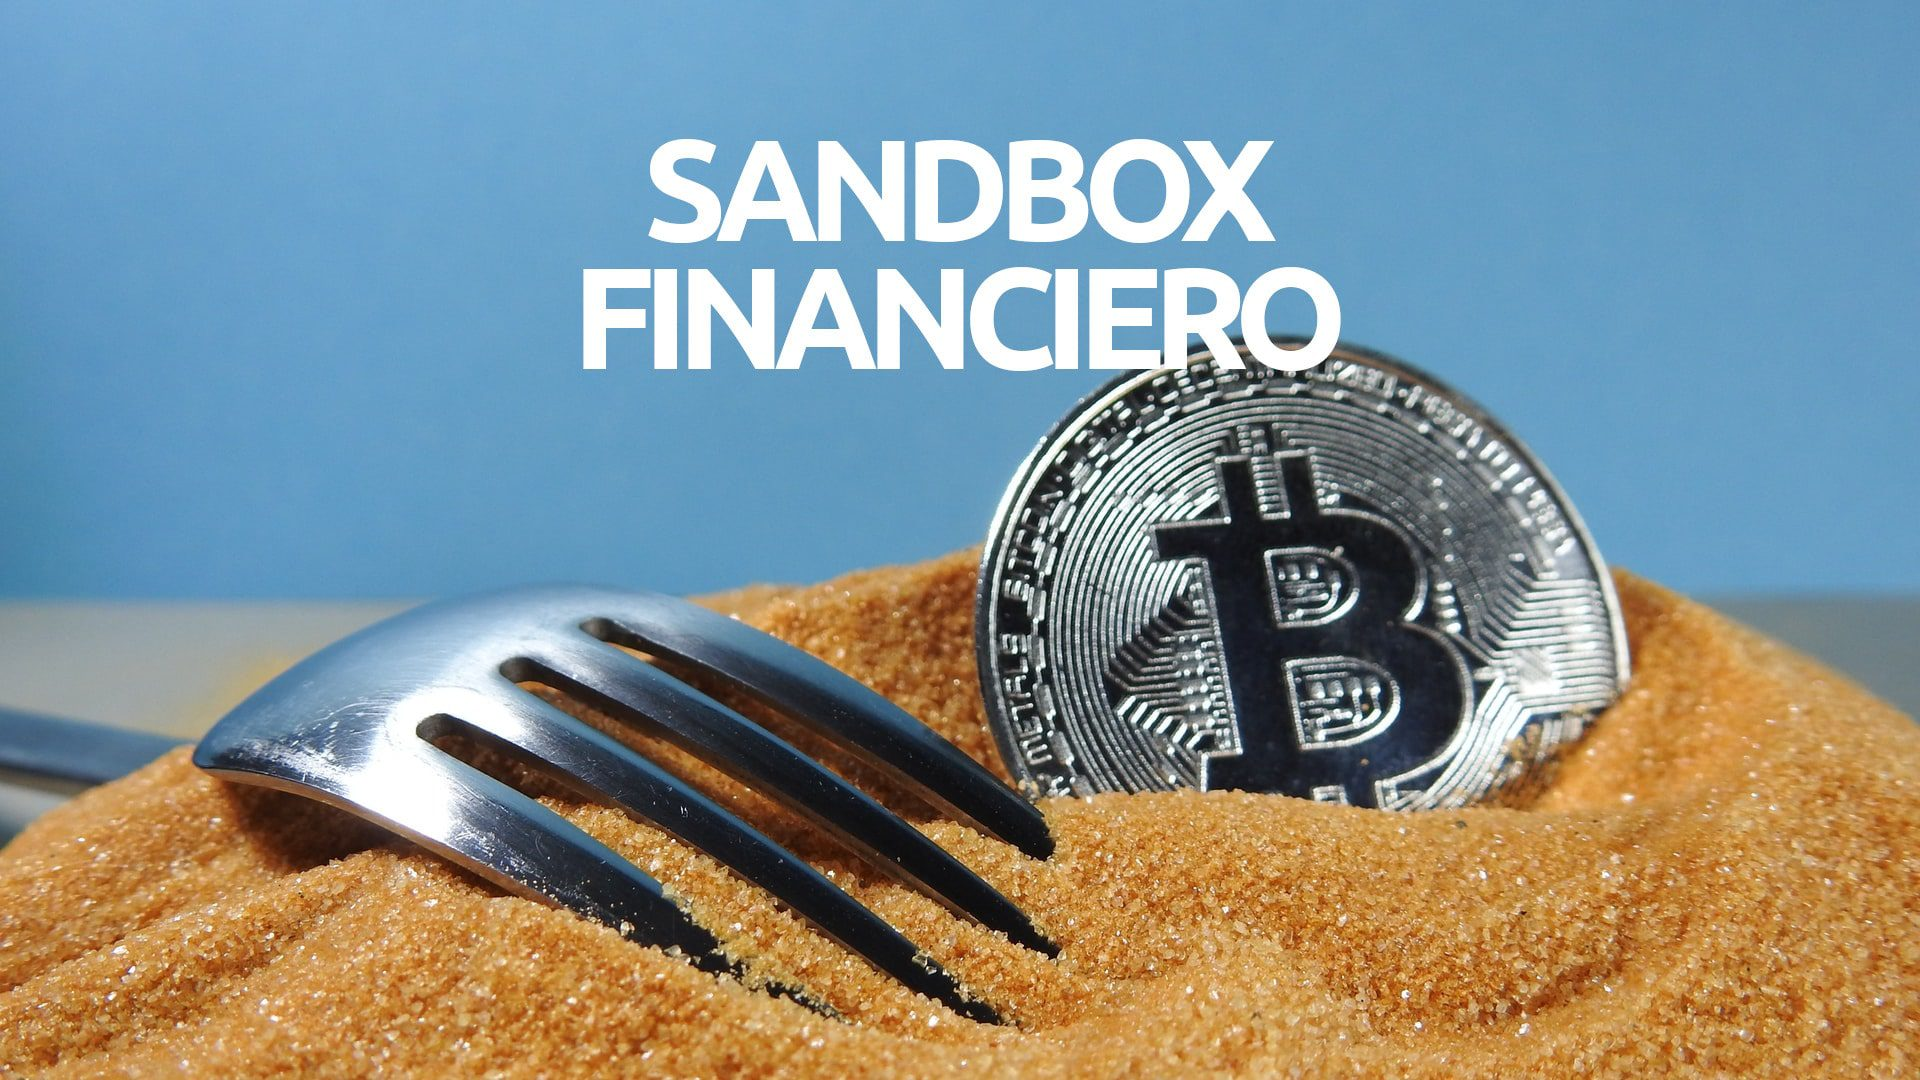 Sandbox regulatorio financiero Espana blockchain criptomonedas